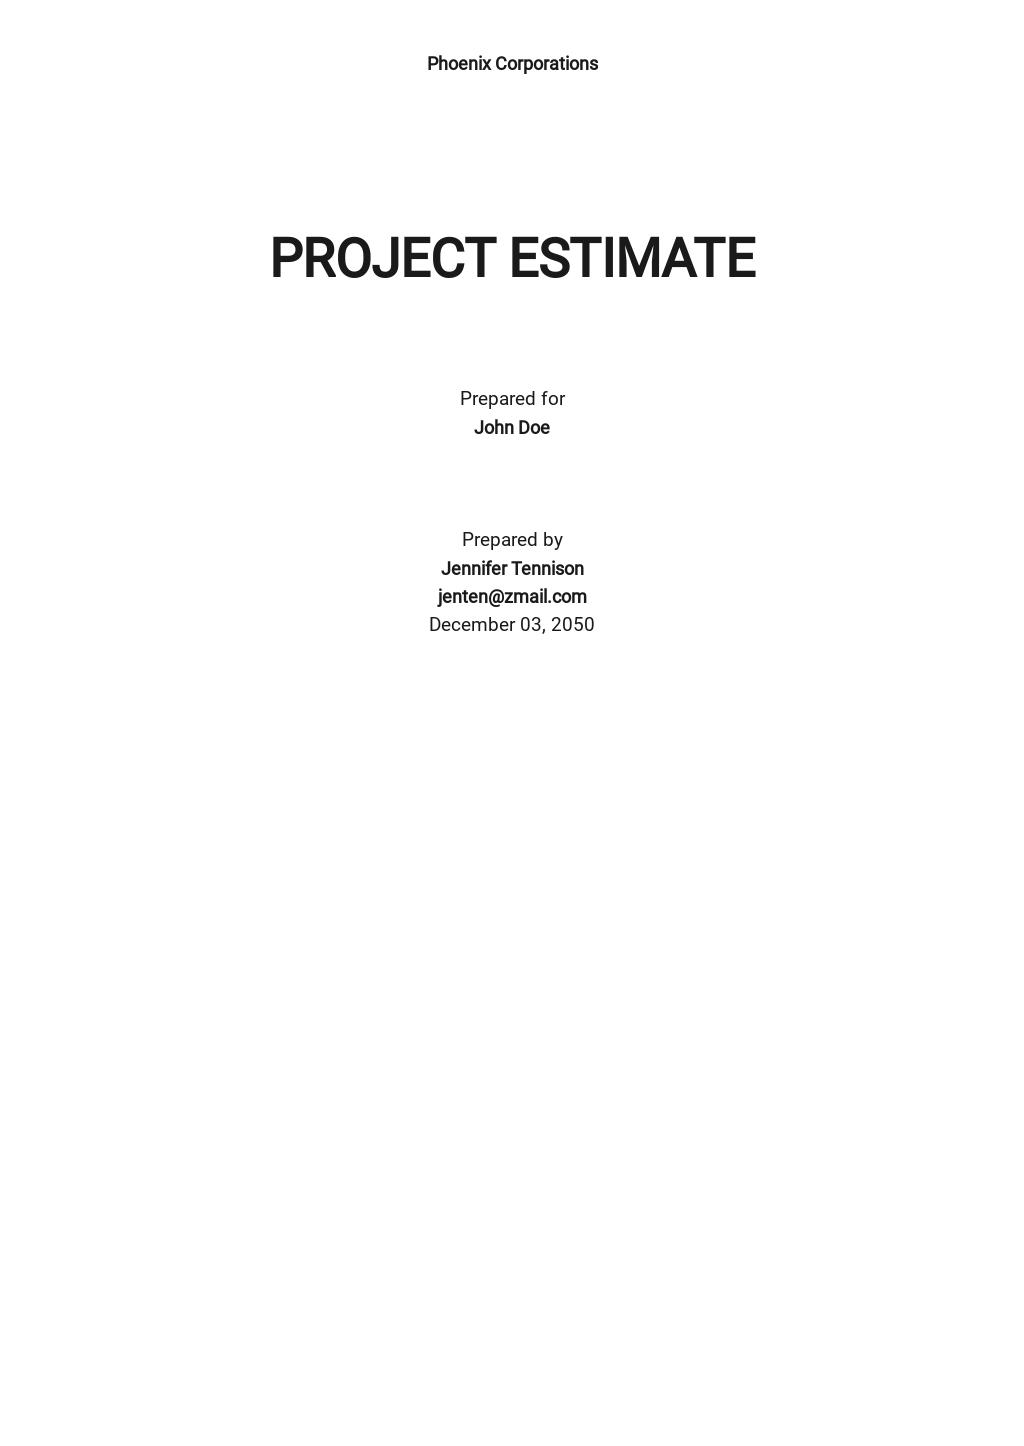 Project Estimate Template